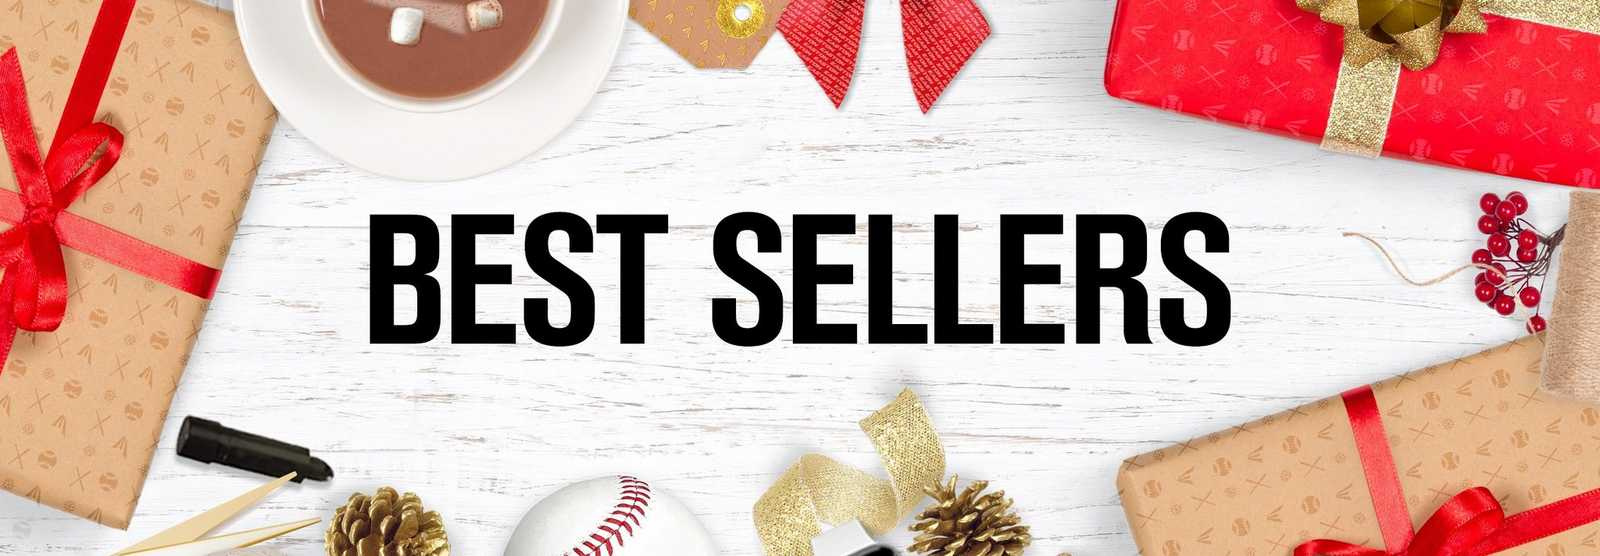 baseball-best-sellers-gift-guide